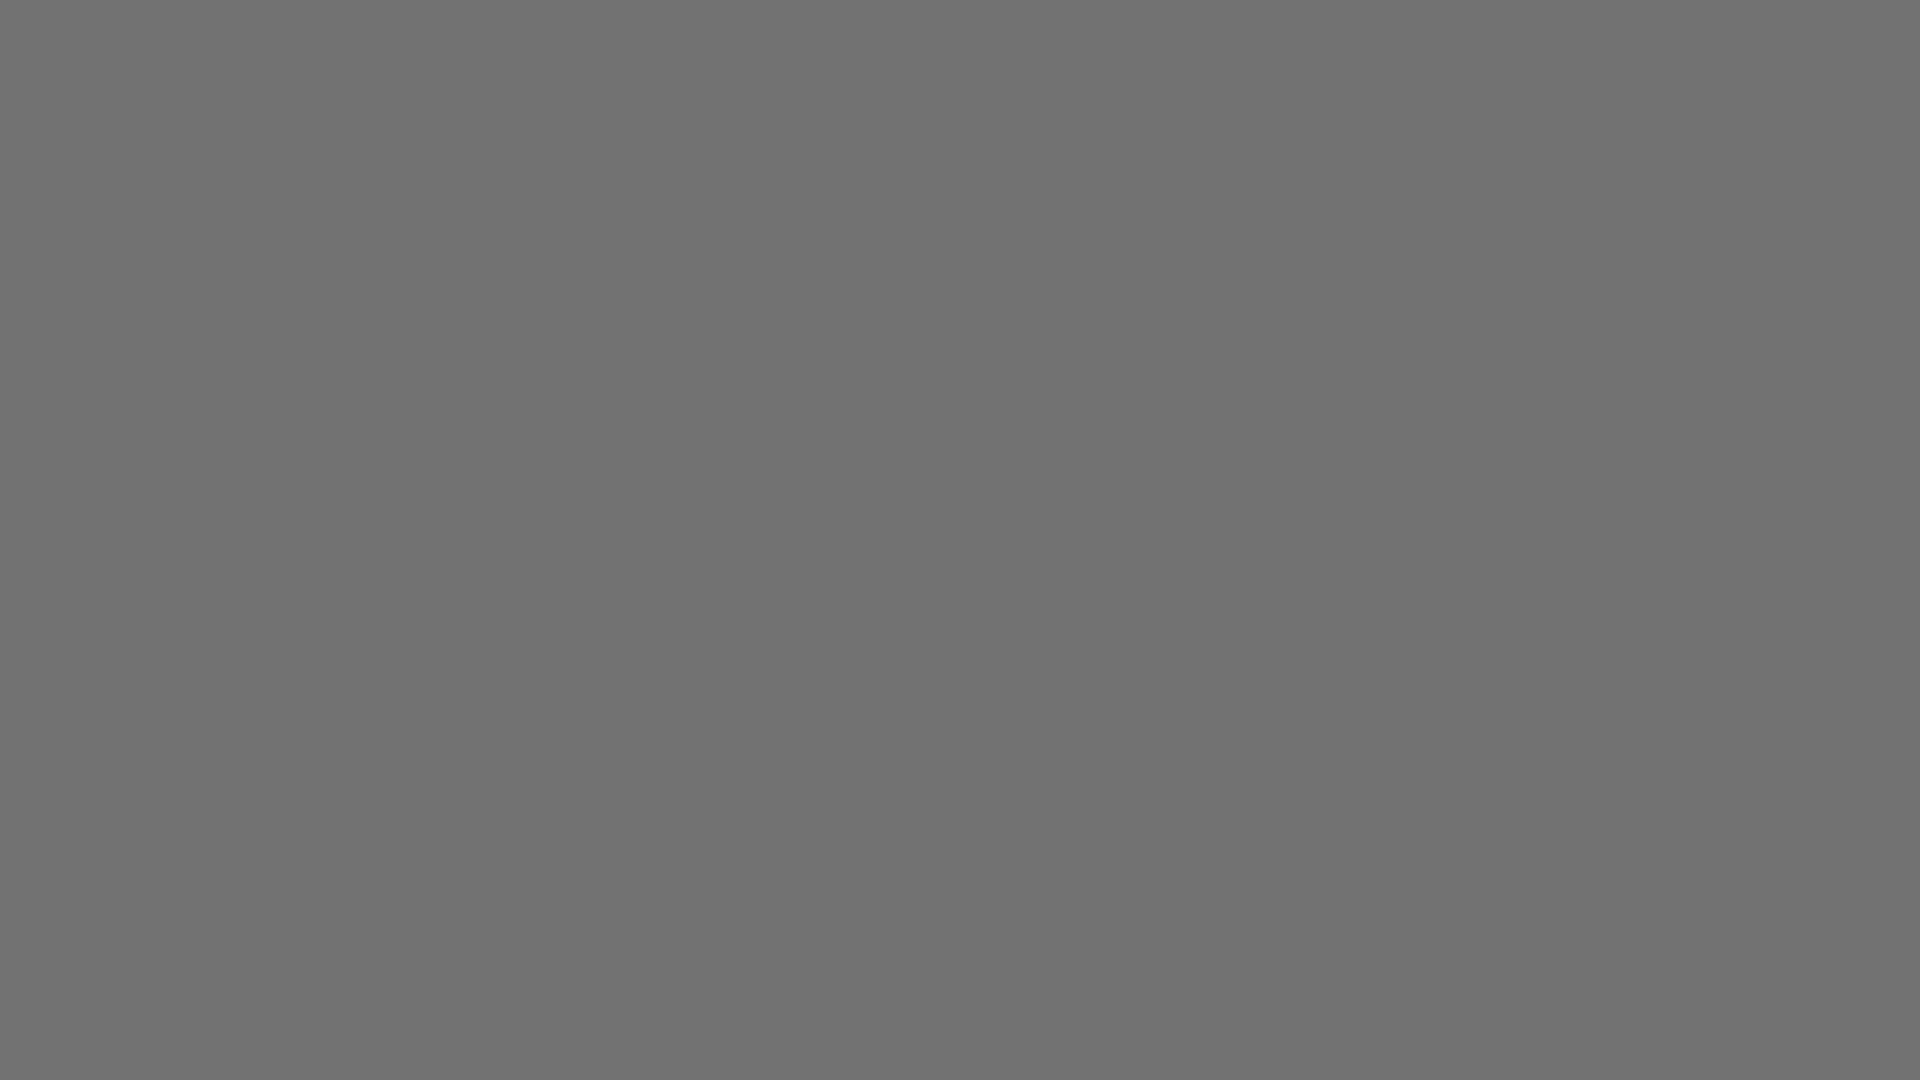 gray gradient Gradient